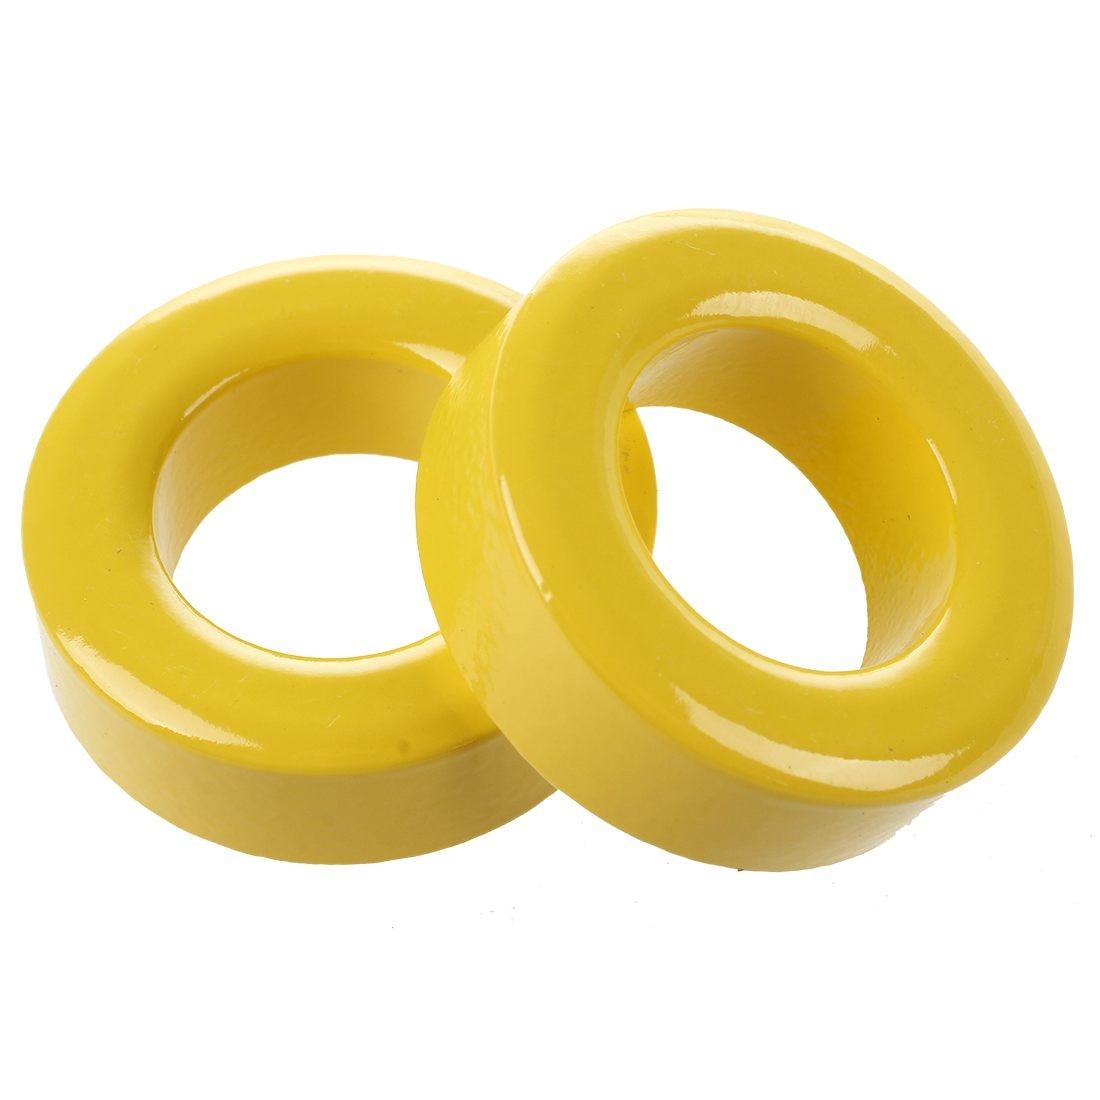 2 Pcs 33mm x 19mm x 11mm Yellow White Iron Core Ferrite Rings Toroid2 Pcs 33mm x 19mm x 11mm Yellow White Iron Core Ferrite Rings Toroid